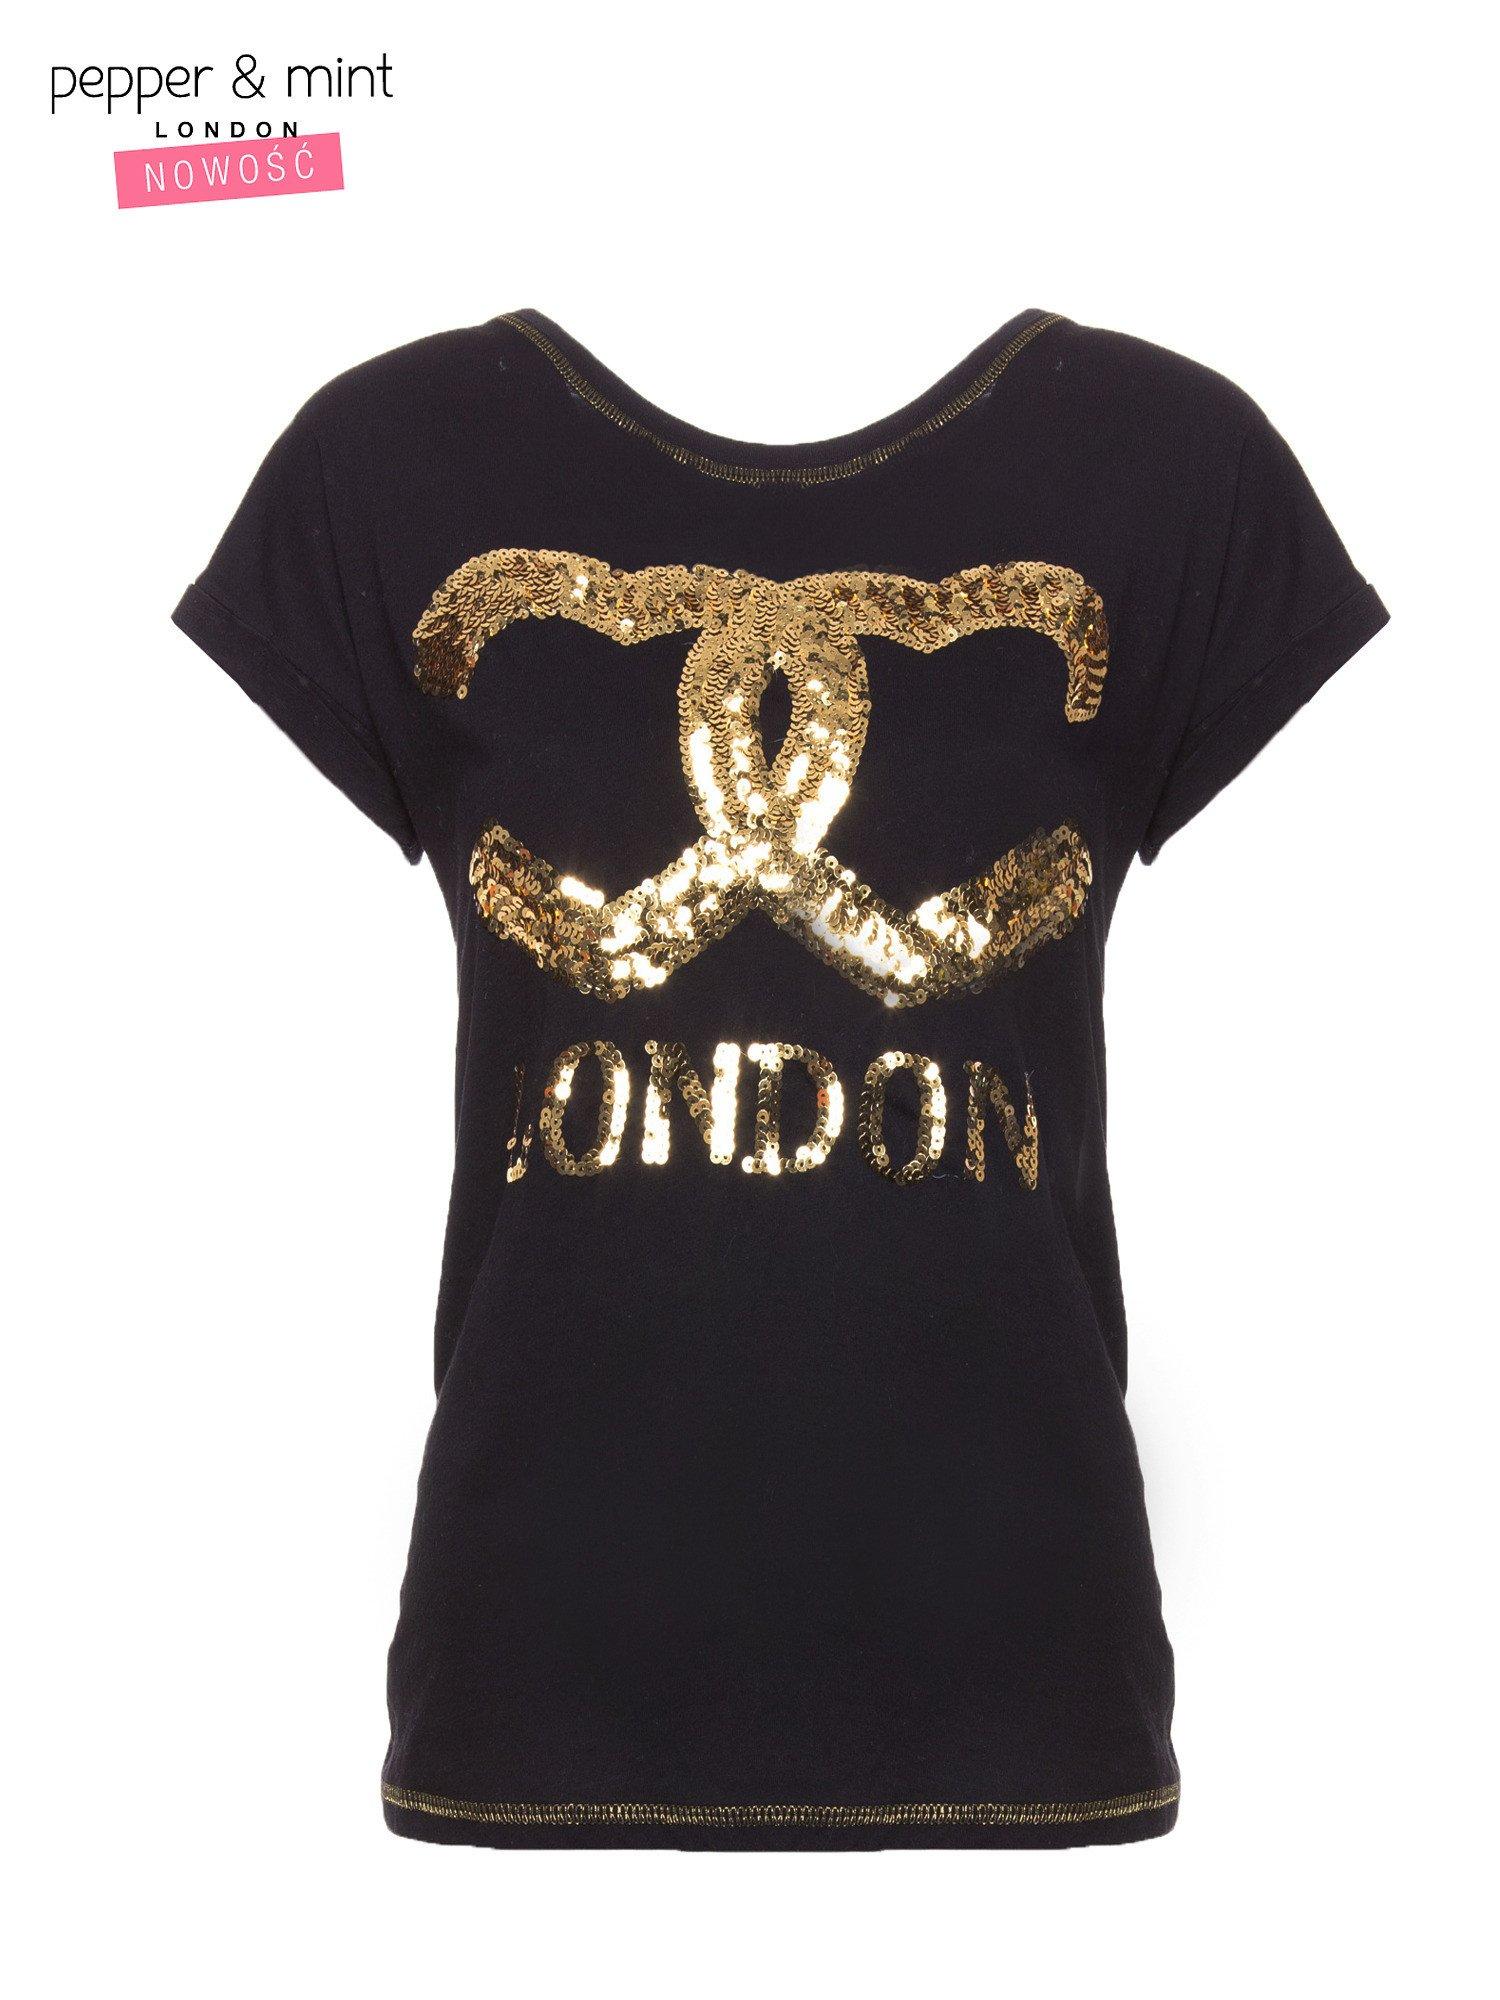 Czarny t-shirt z sercami z cekinów i nadrukiem LONDON                                  zdj.                                  4